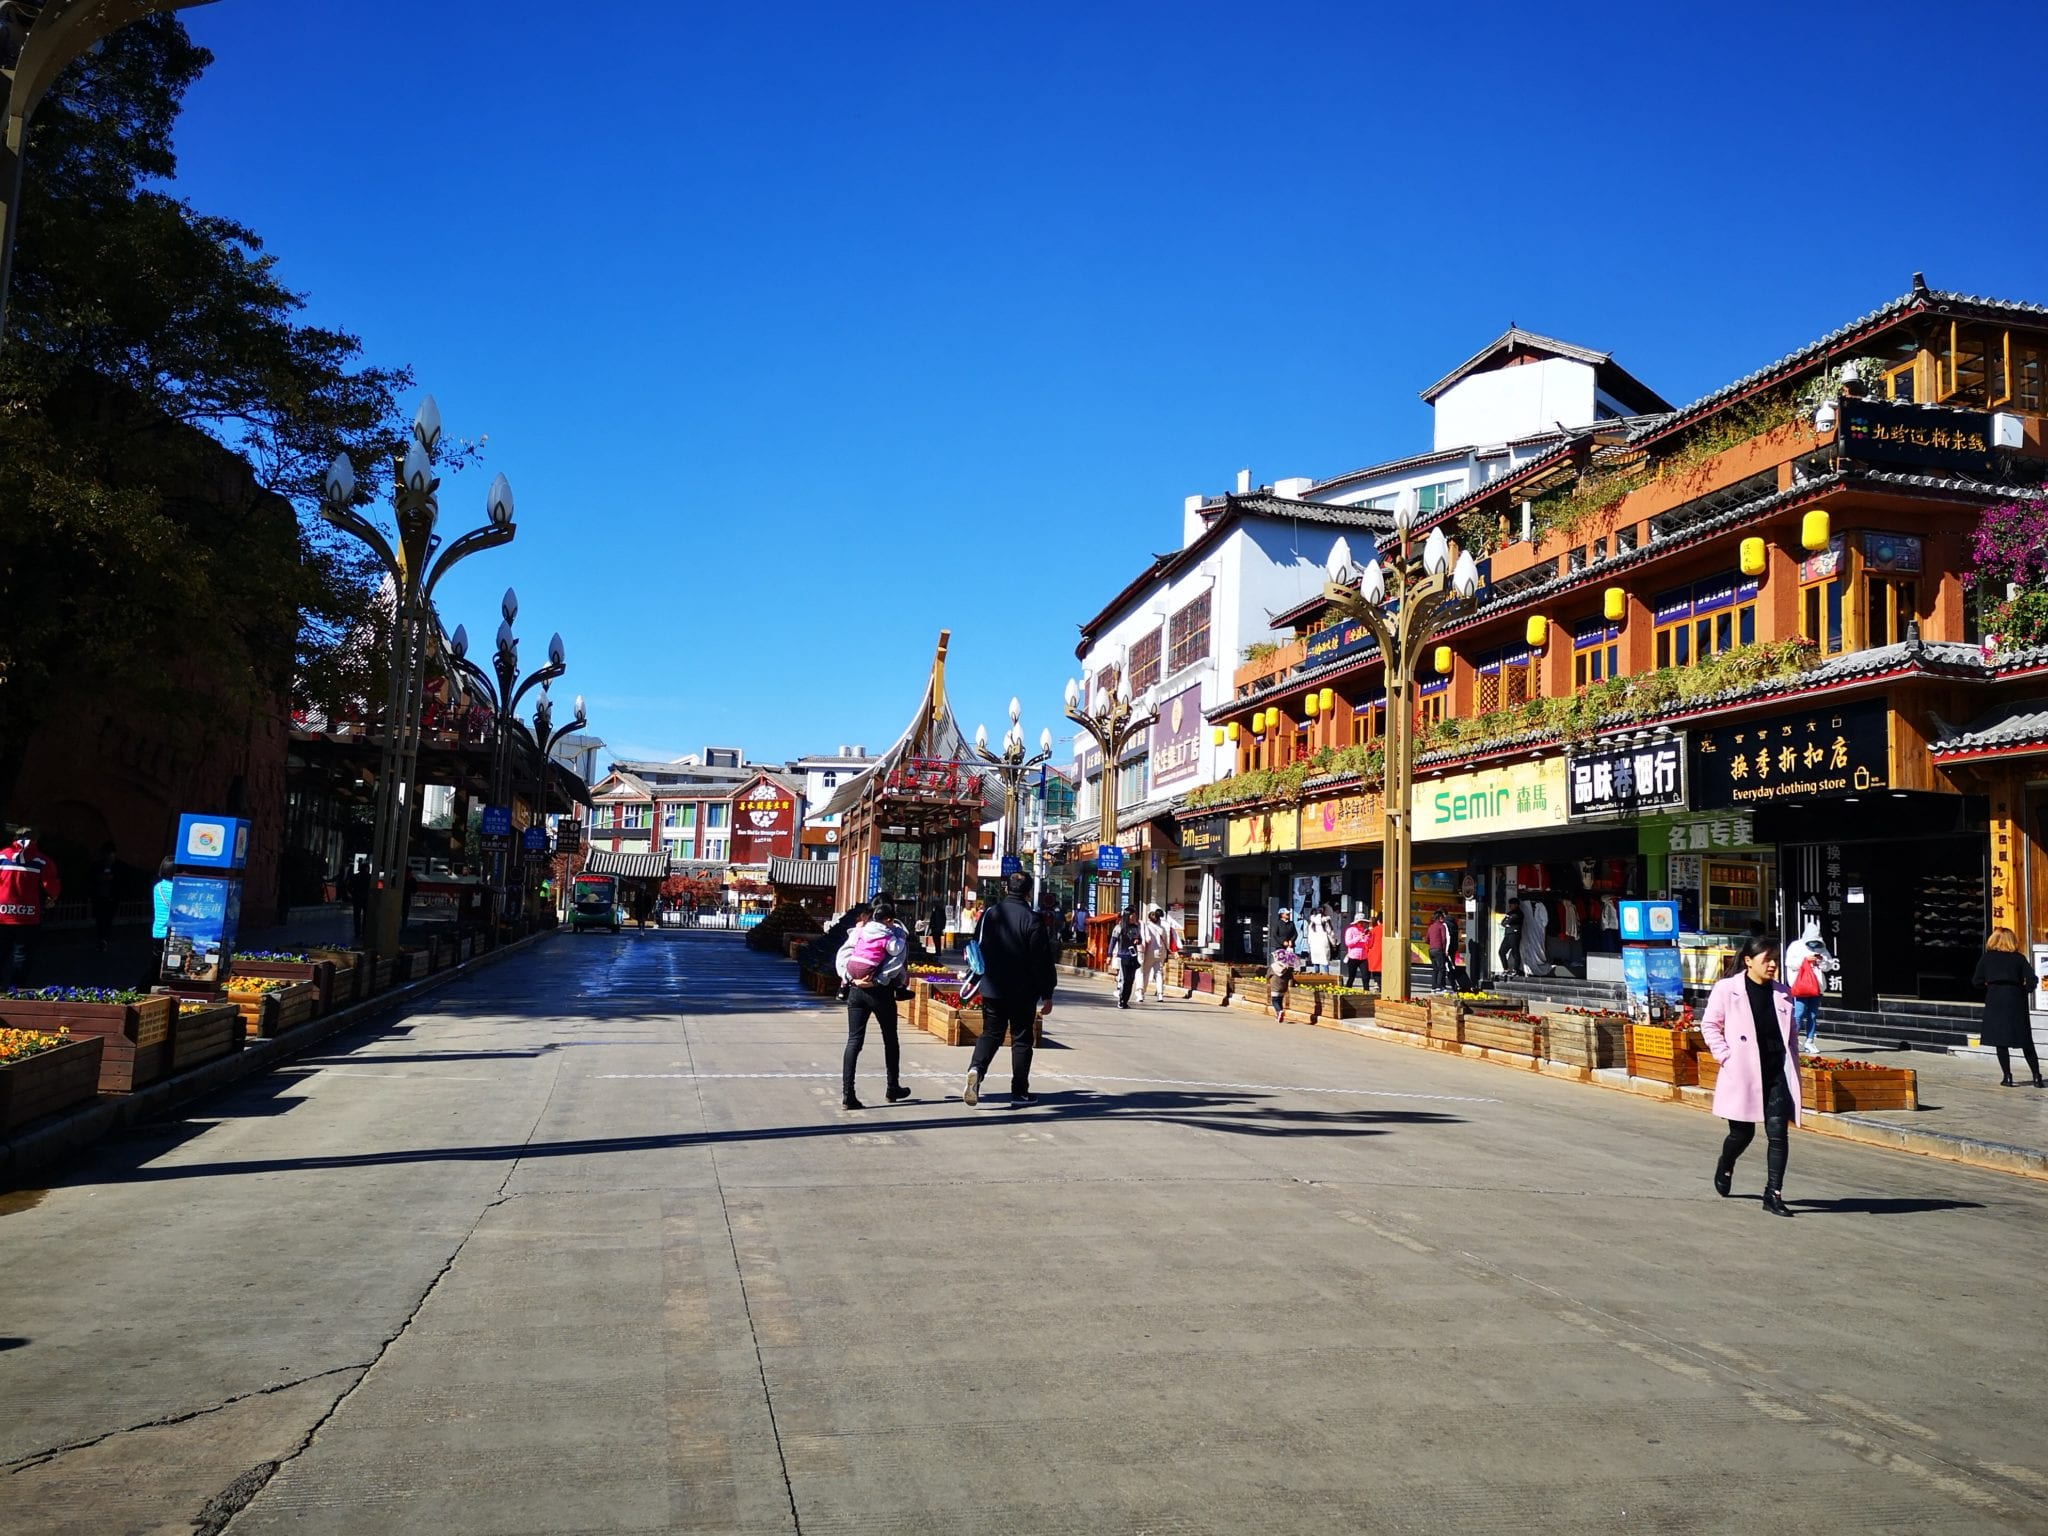 ที่เที่ยวในจีน เที่ยวจีน ที่เที่ยวจีน เที่ยวคุนหมิง